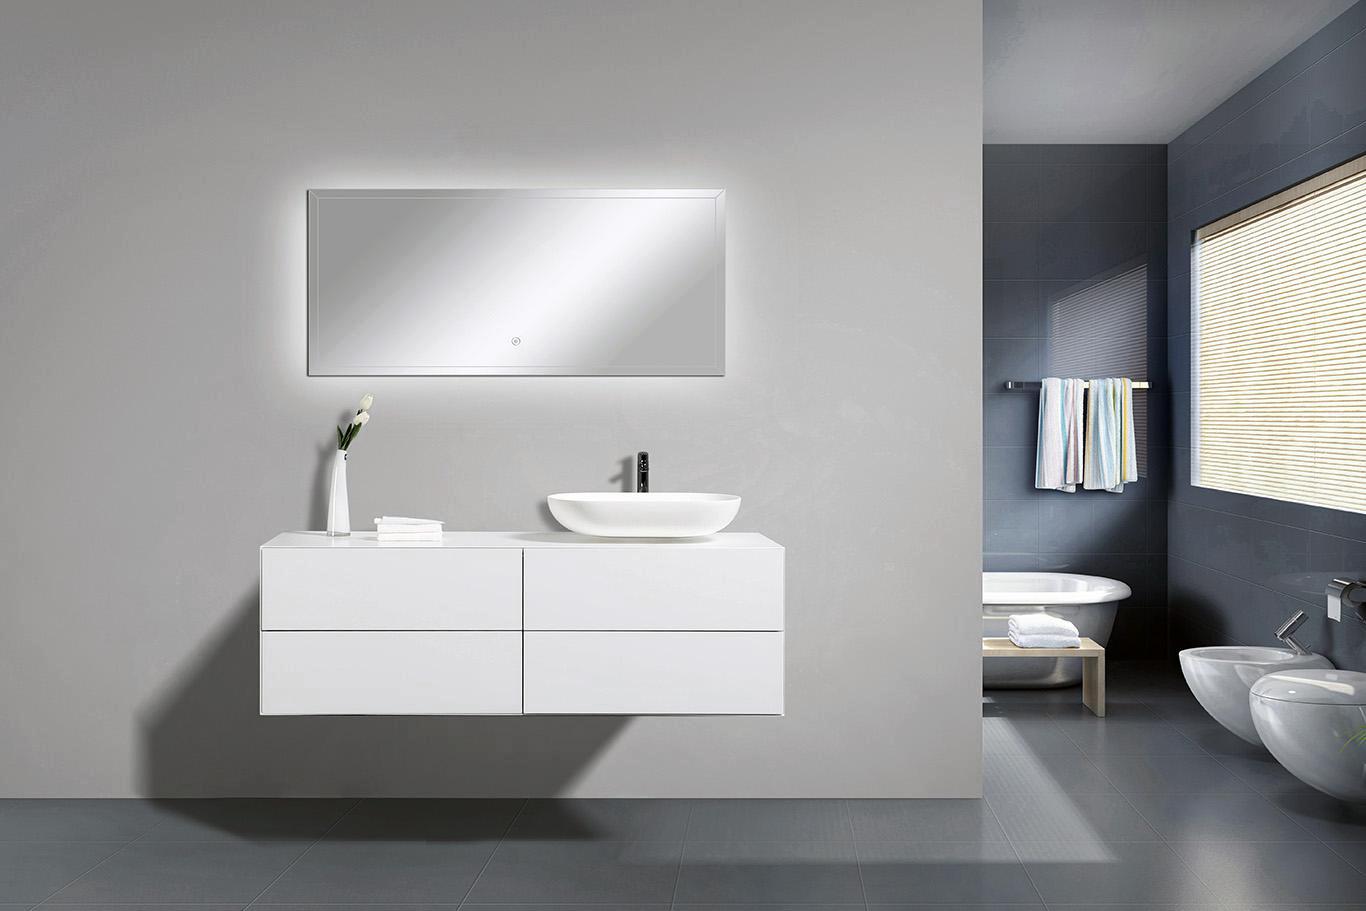 Mobili da bagno milou 1400 bianco opaco specchio e bacino opzionale